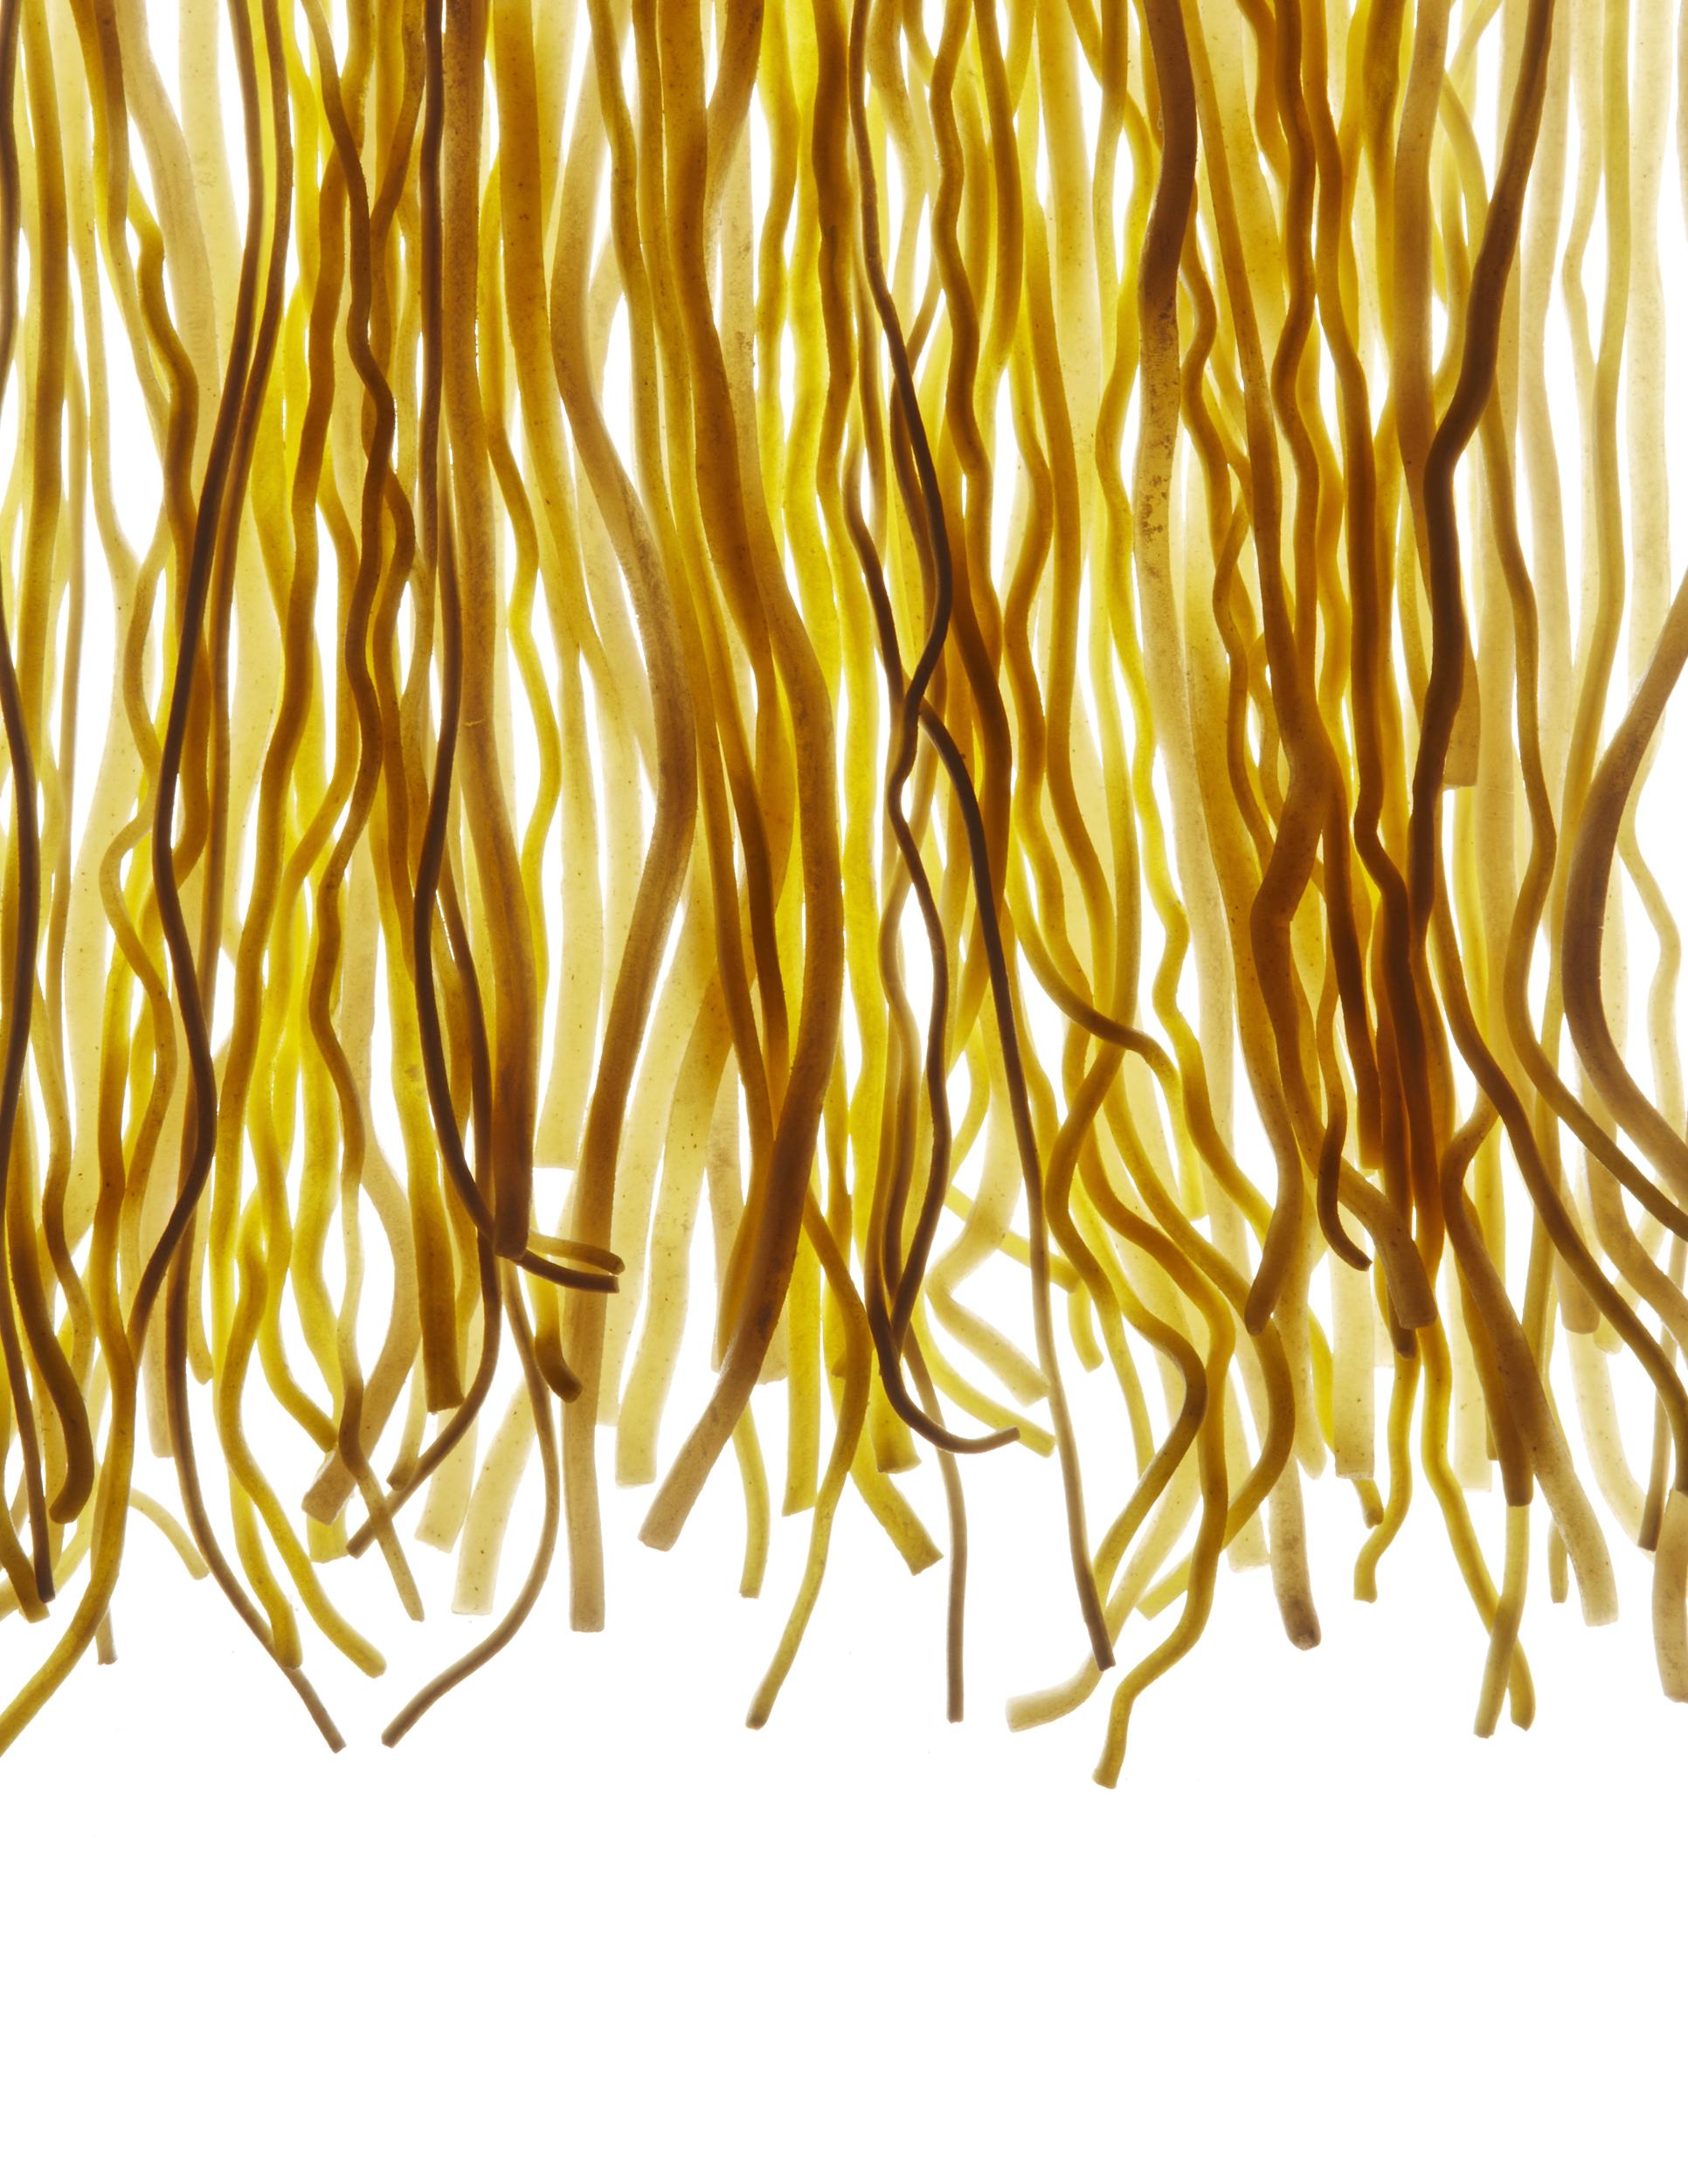 121001_Noodles 10773.jpg